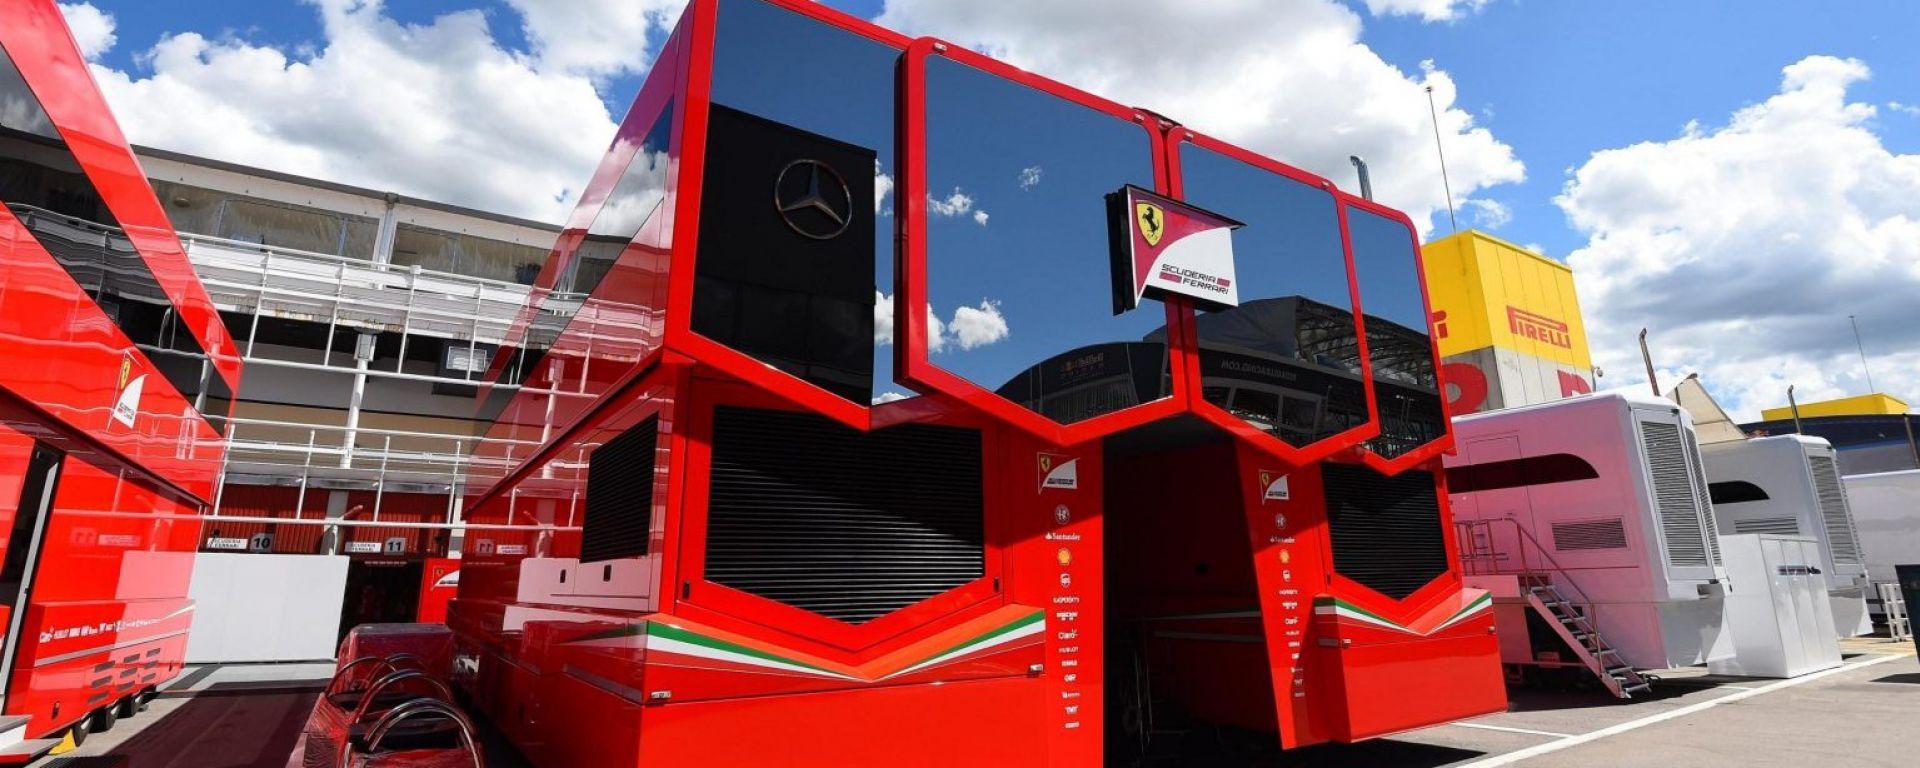 F1 GP Spagna: La guida alla gara con Vettel e Ioverno